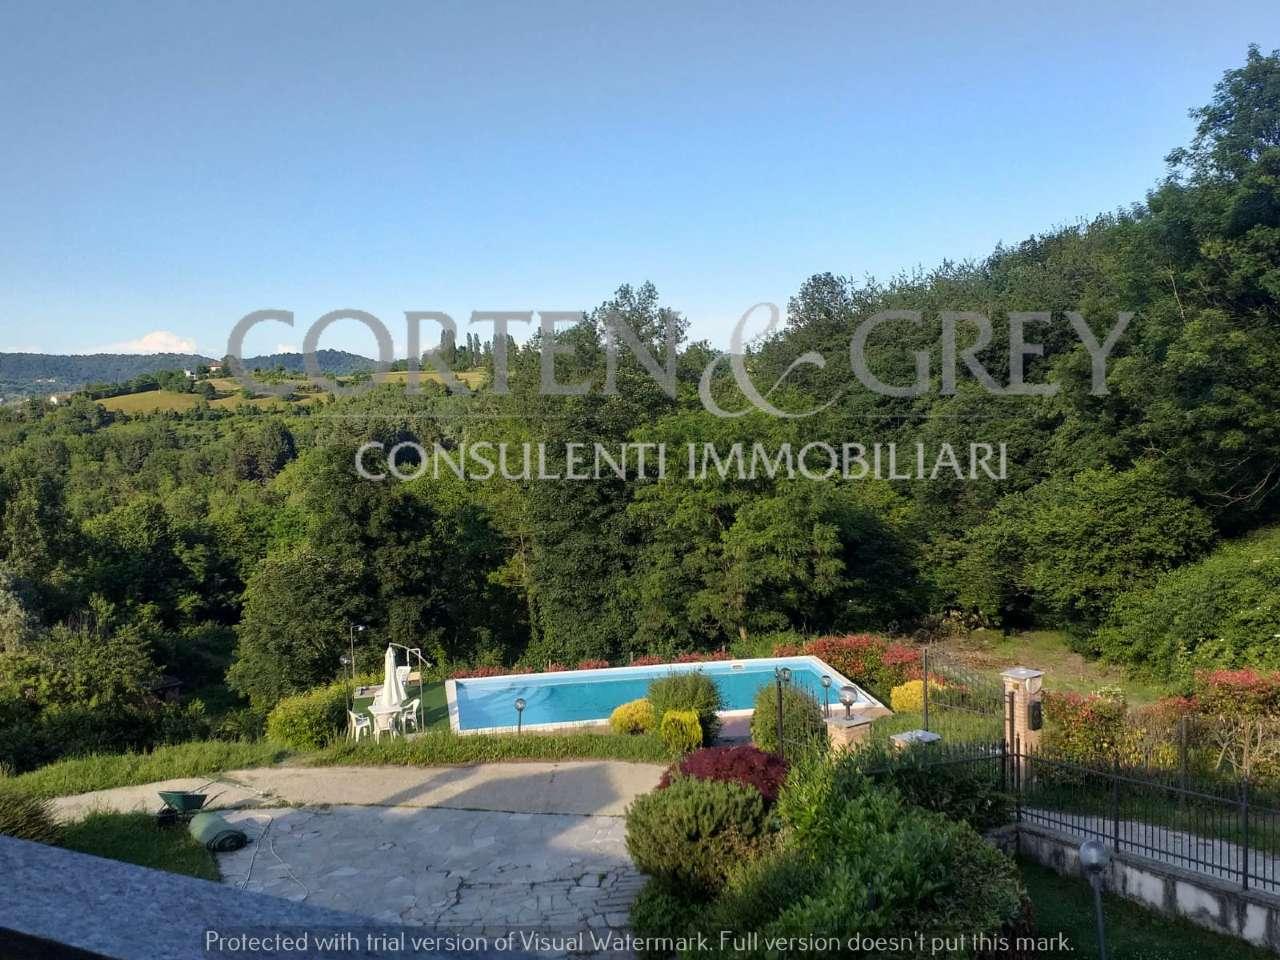 Soluzione Semindipendente in vendita a Sciolze, 4 locali, prezzo € 330.000 | CambioCasa.it